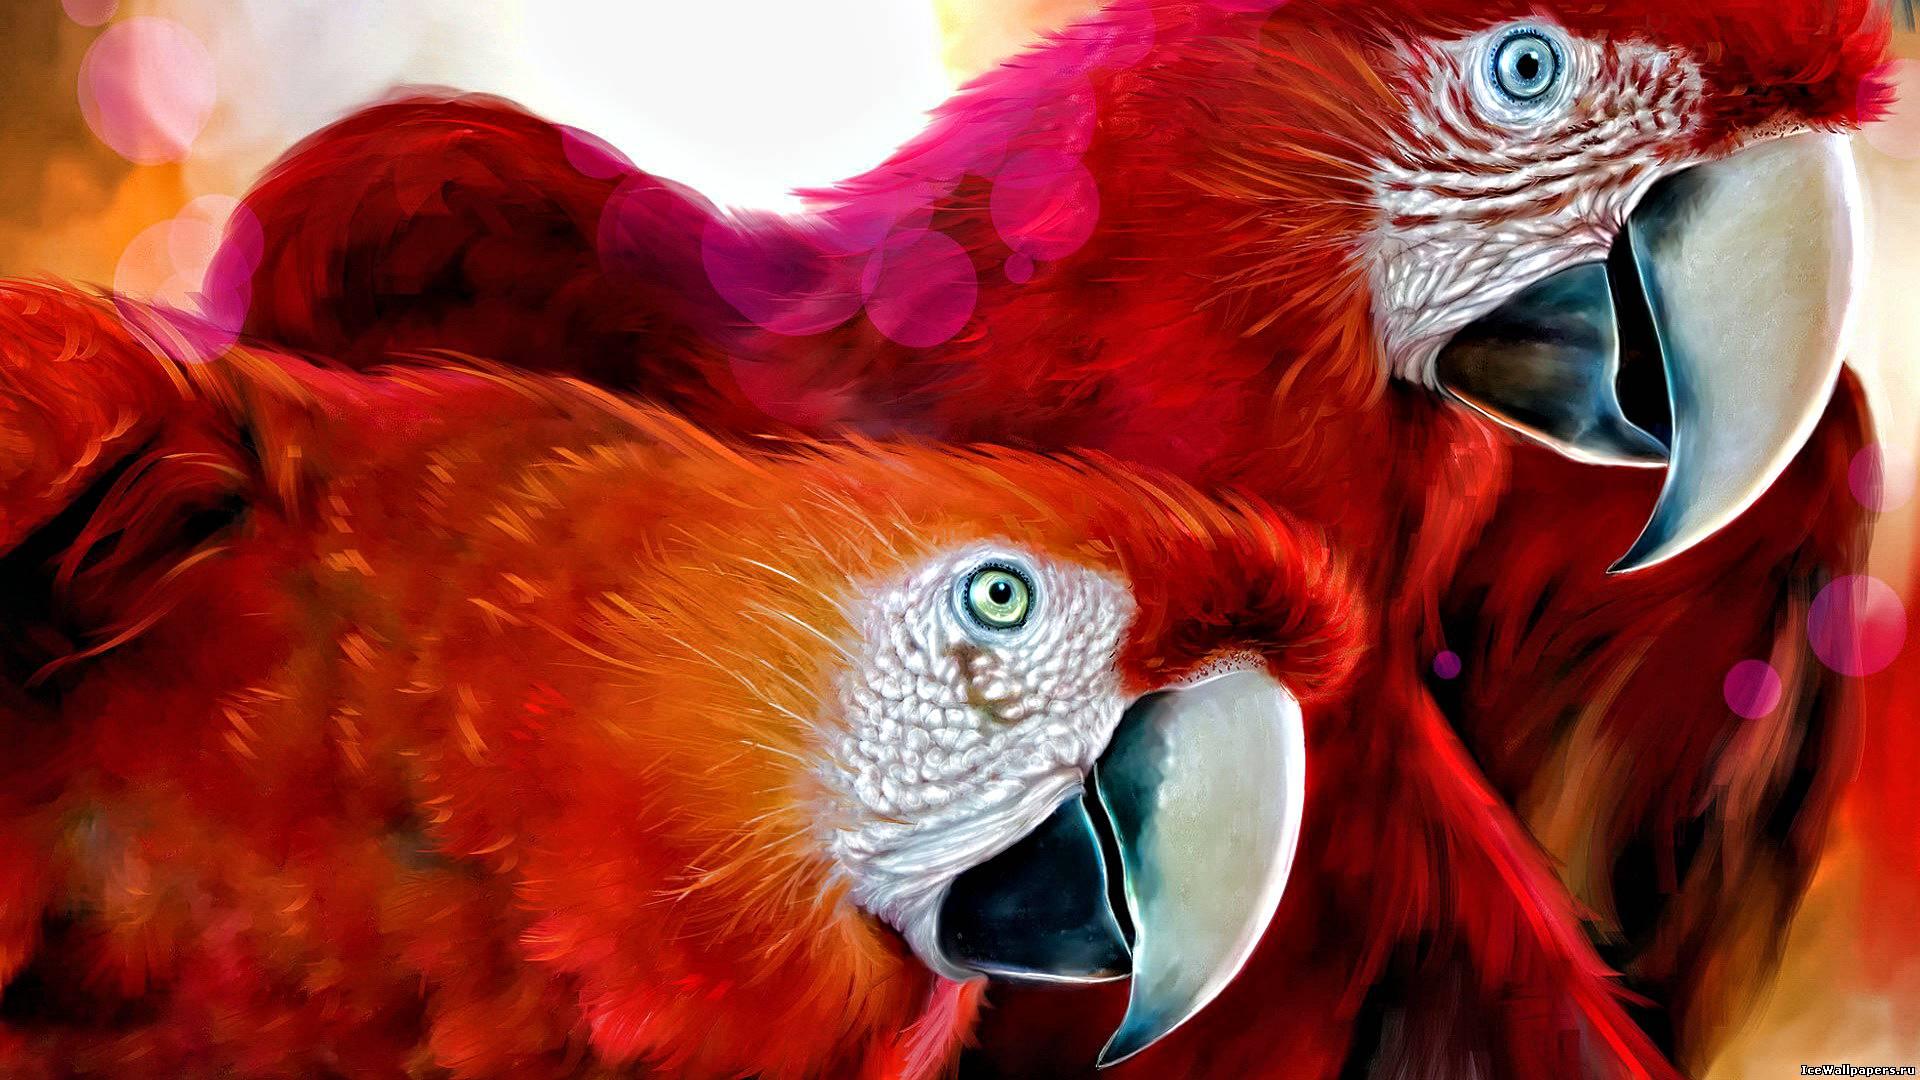 пара красных, красивых попугаев, скачать фото, обои для рабочего стола